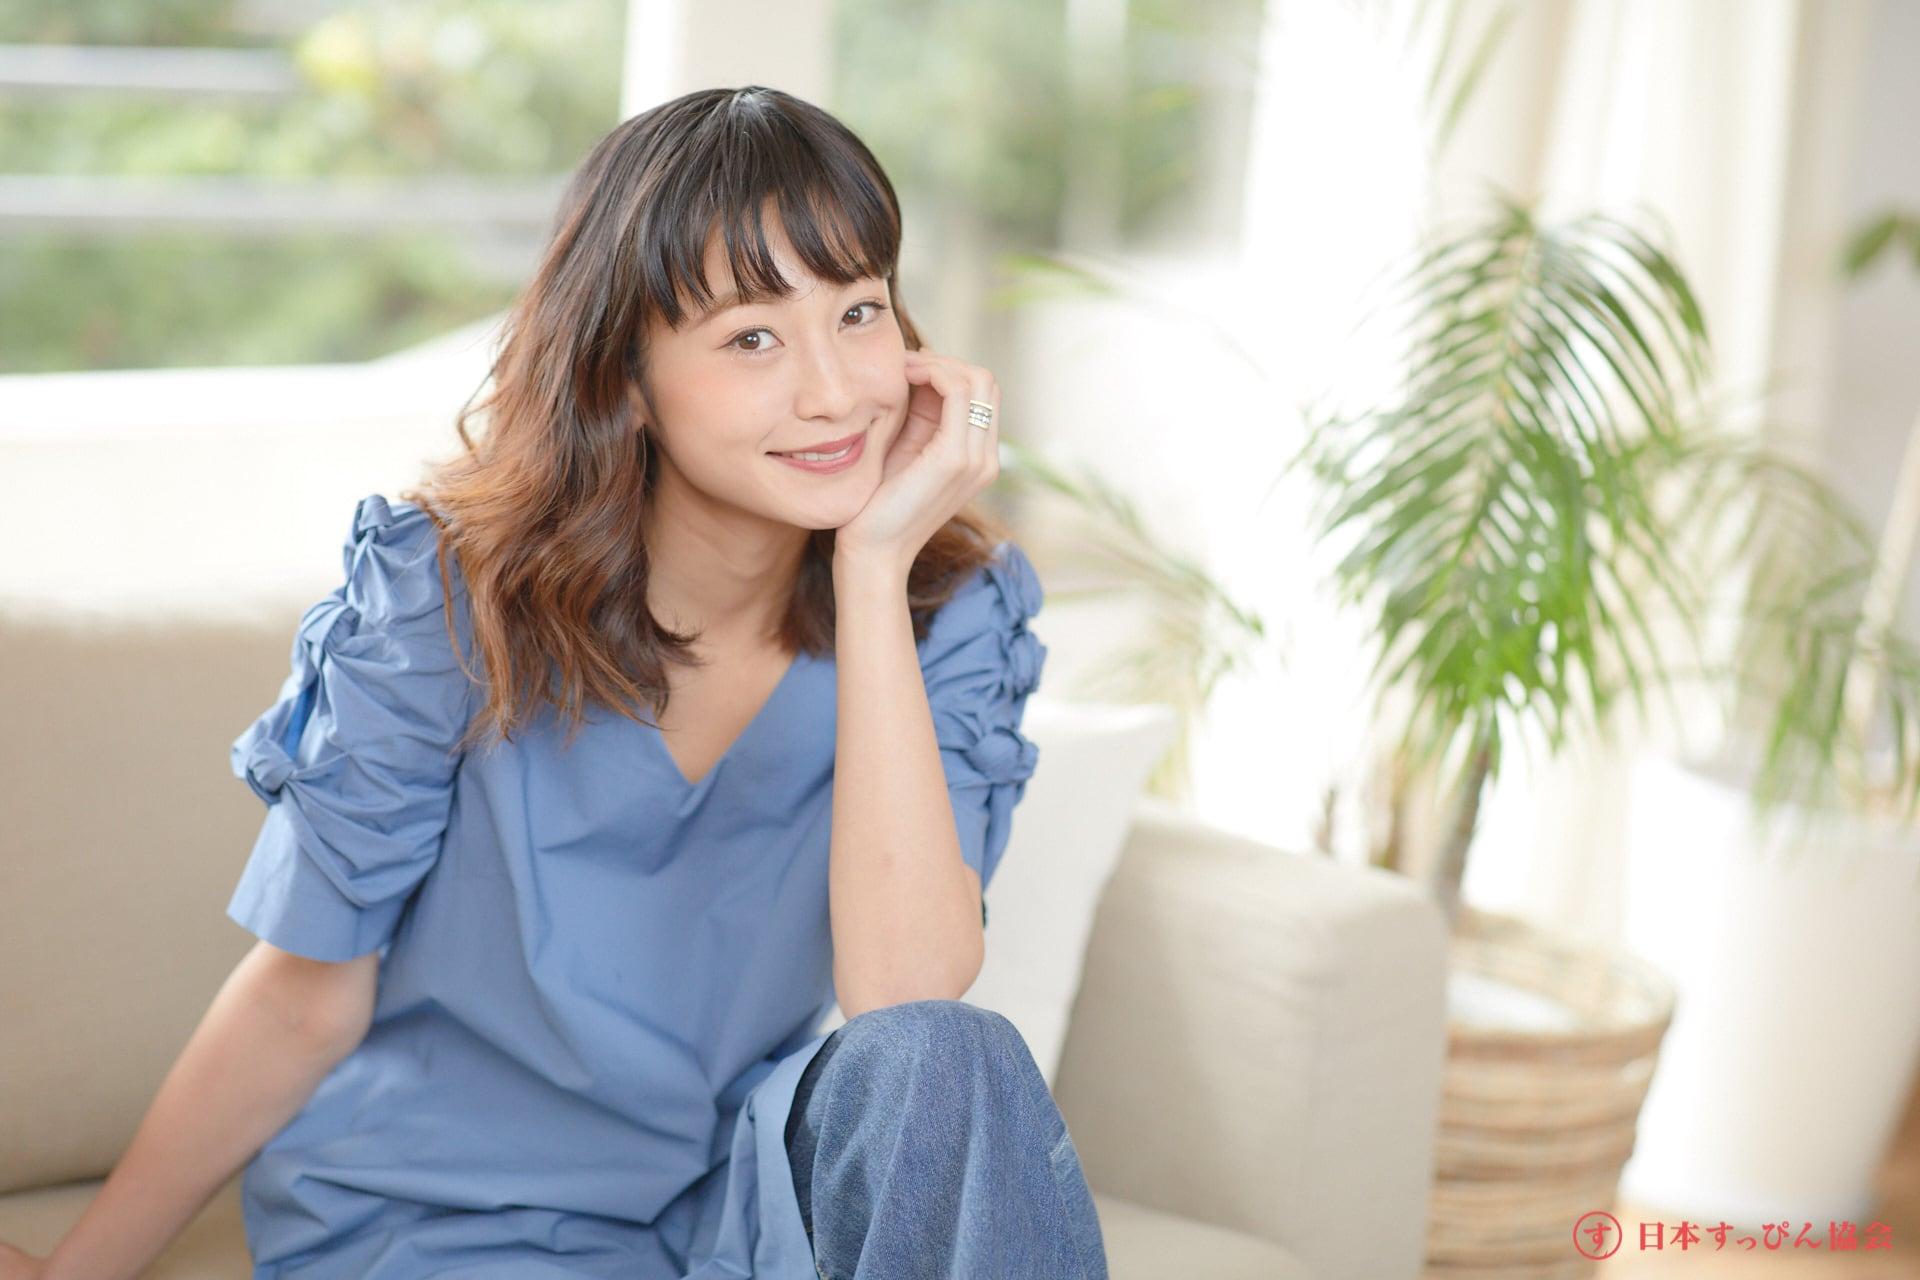 モデル・西山茉希「幼少期はアトピーで、20代前半は肌荒れを繰り返していました」